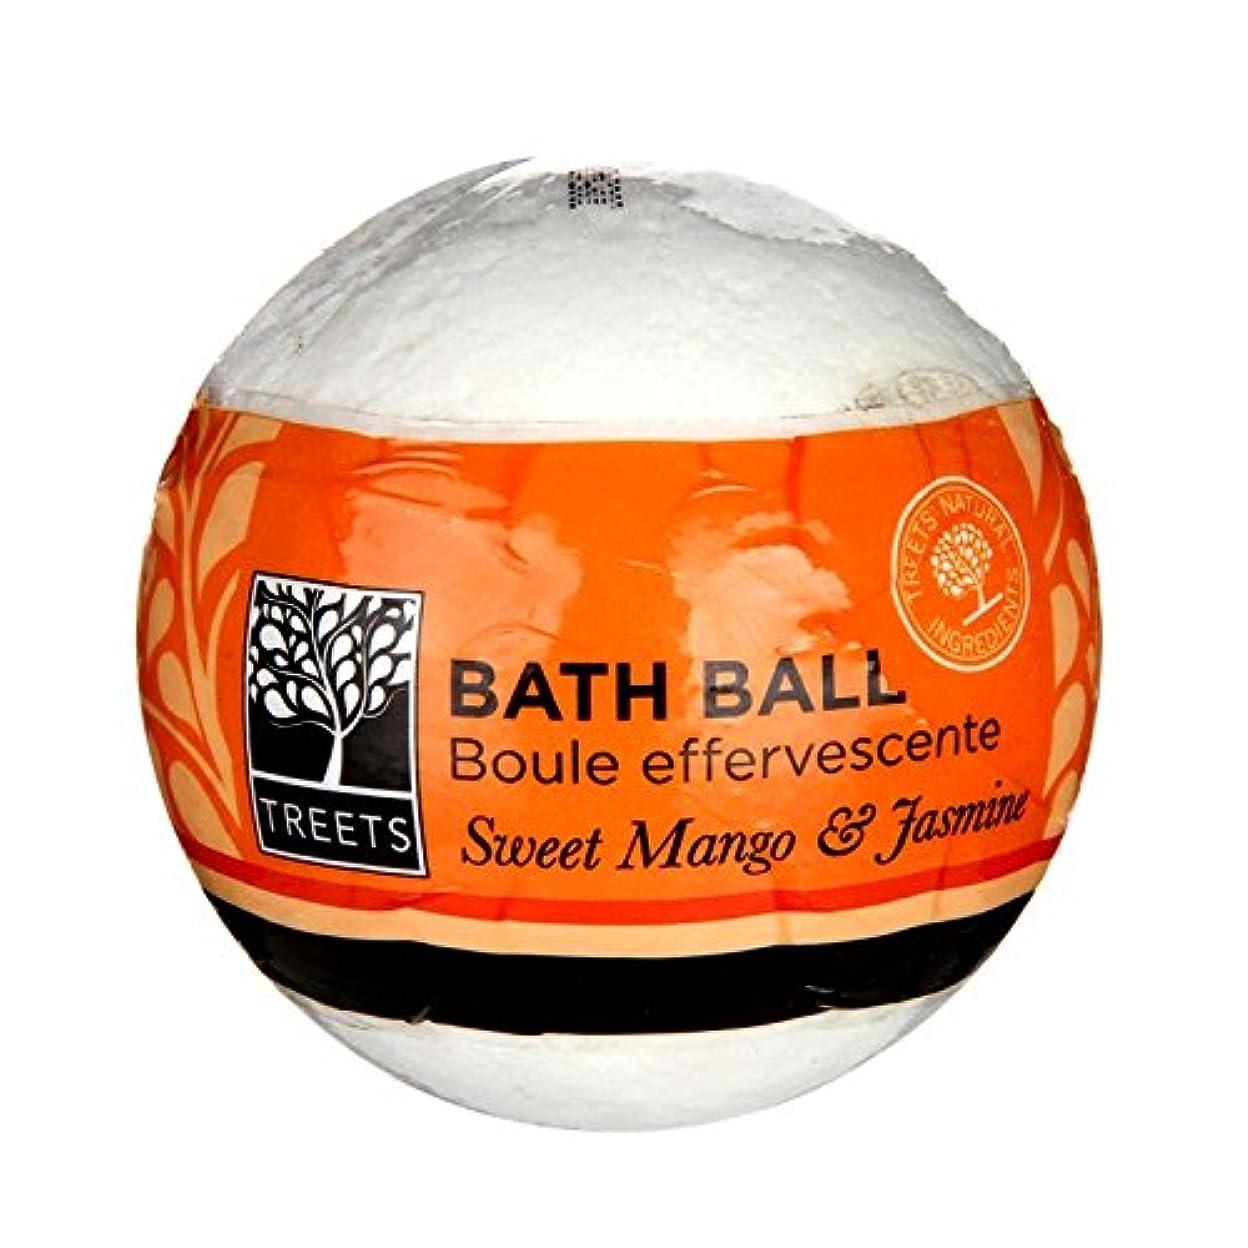 連続した徒歩で税金Treets甘いマンゴーとジャスミンバスボール - Treets Sweet Mango and Jasmine Bath Ball (Treets) [並行輸入品]